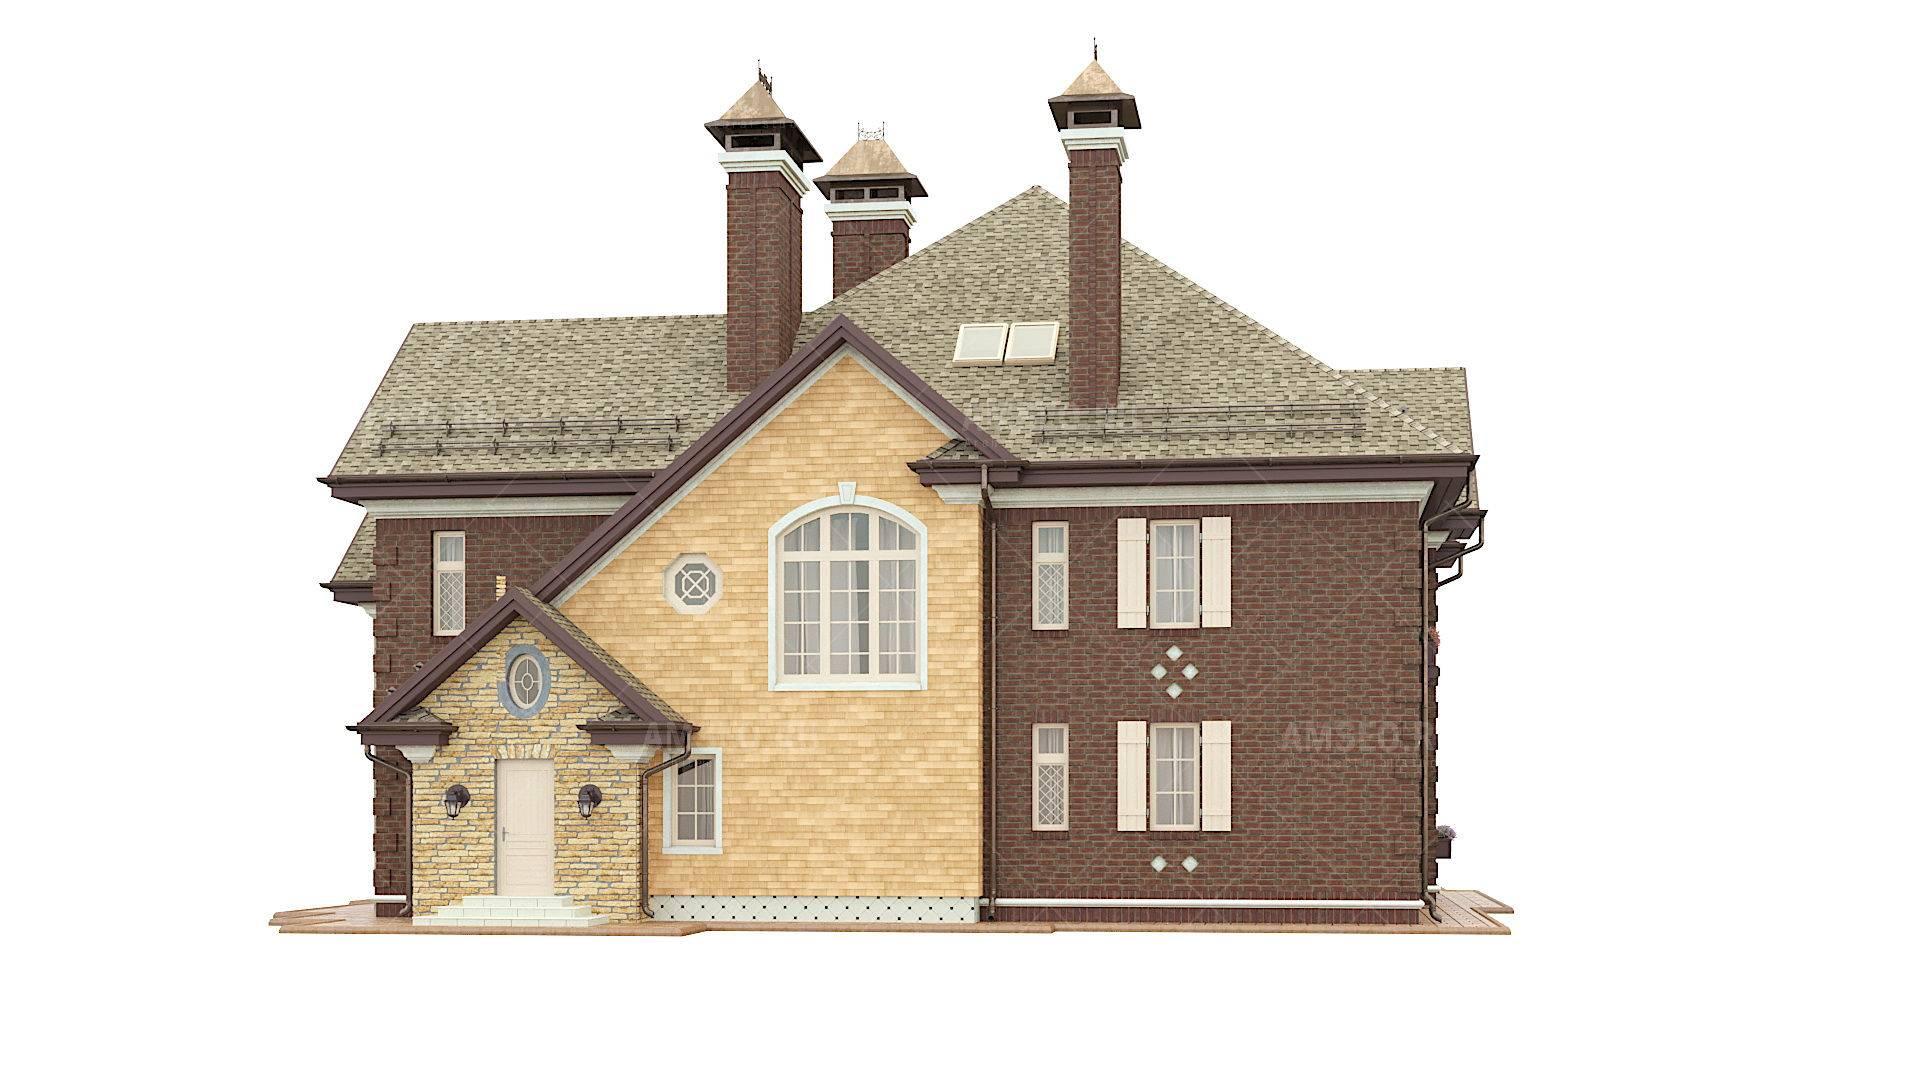 Дом по английски: проекты домов в английском стиле